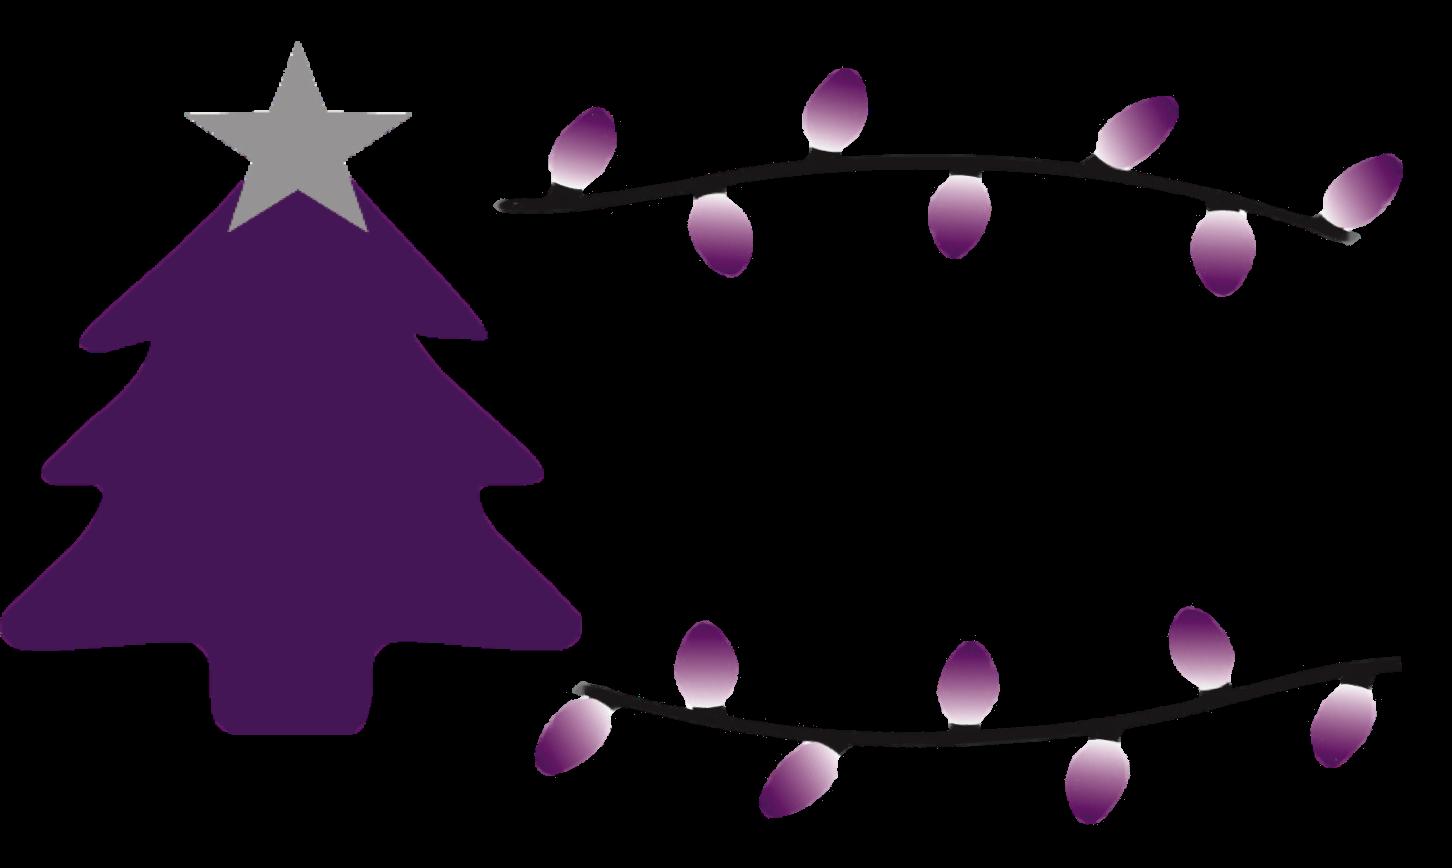 Spotlights on the tree. Fundraising clipart church treasurer